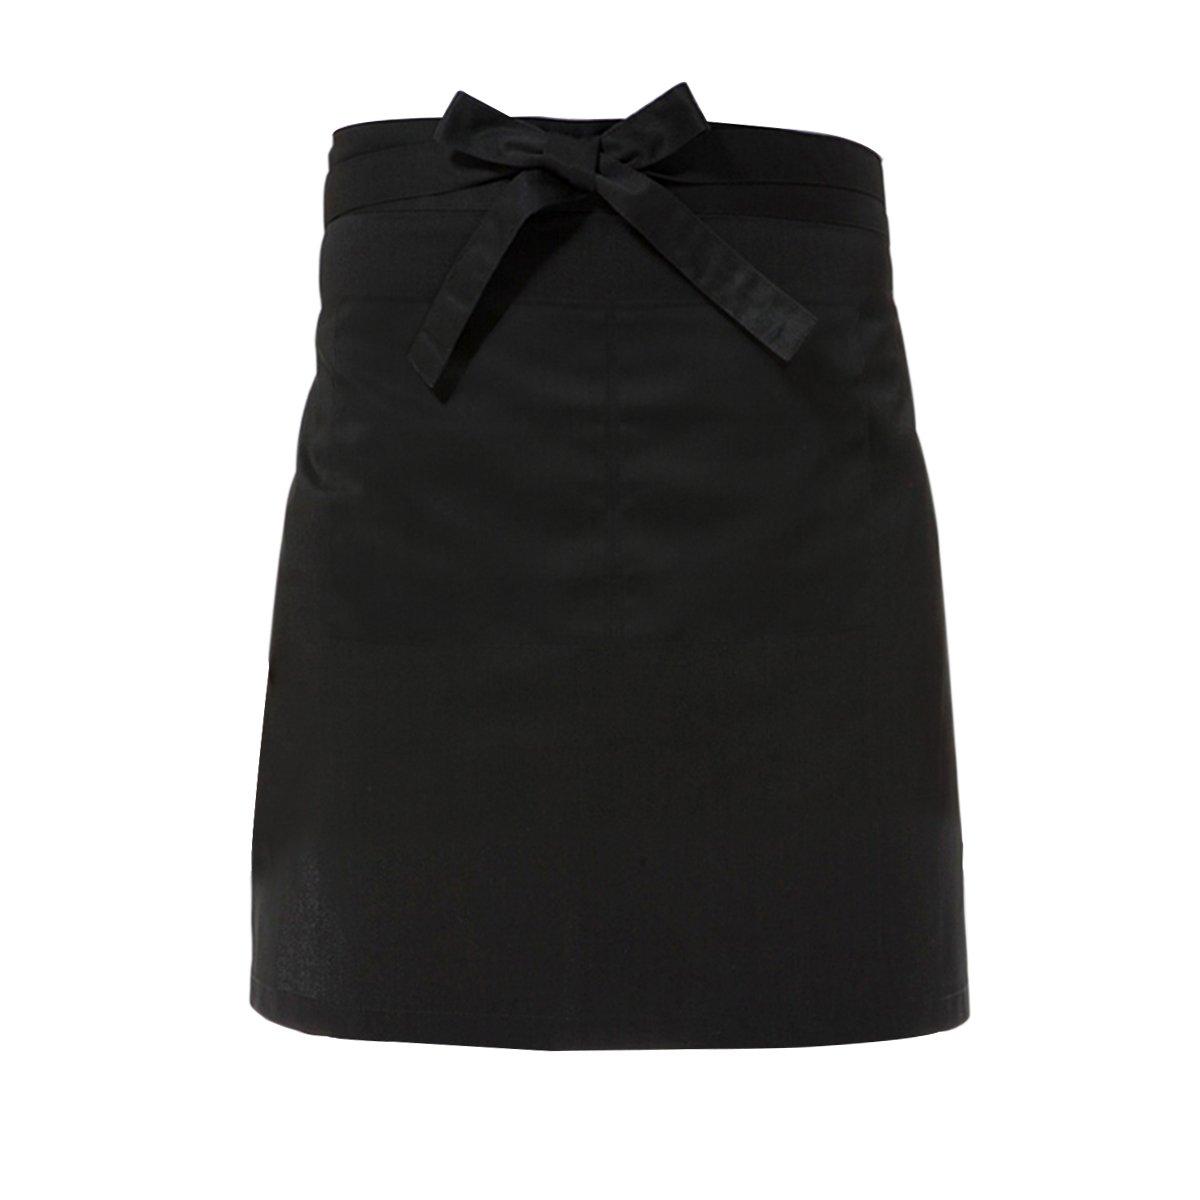 schwarz Tinksky Taille-Sch/ürze Kochen kurze Sch/ürze Kellner-Sch/ürze mit Doppel-Seitentaschen